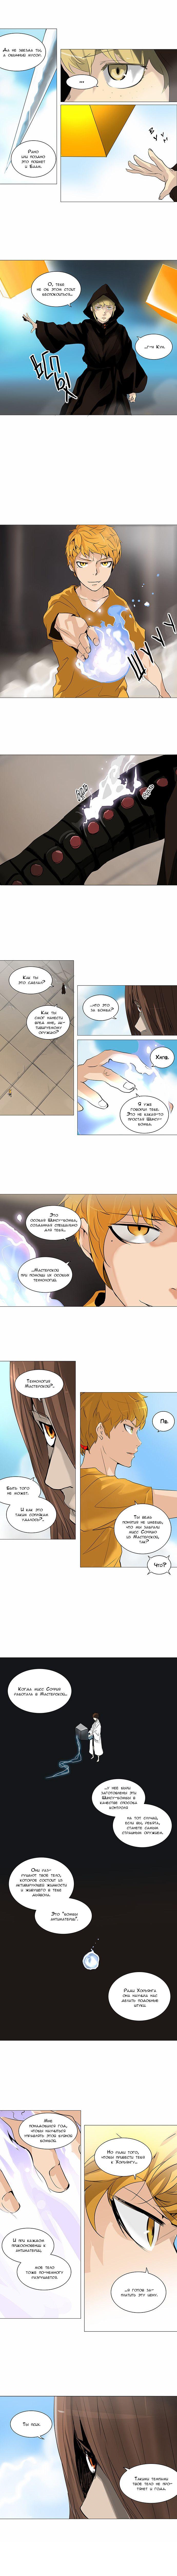 Чтение манги Башня Бога 2 - 144 30F Адский Экспресс. Революционный путь (32) - самые свежие переводы. Read manga online! - ReadManga.me